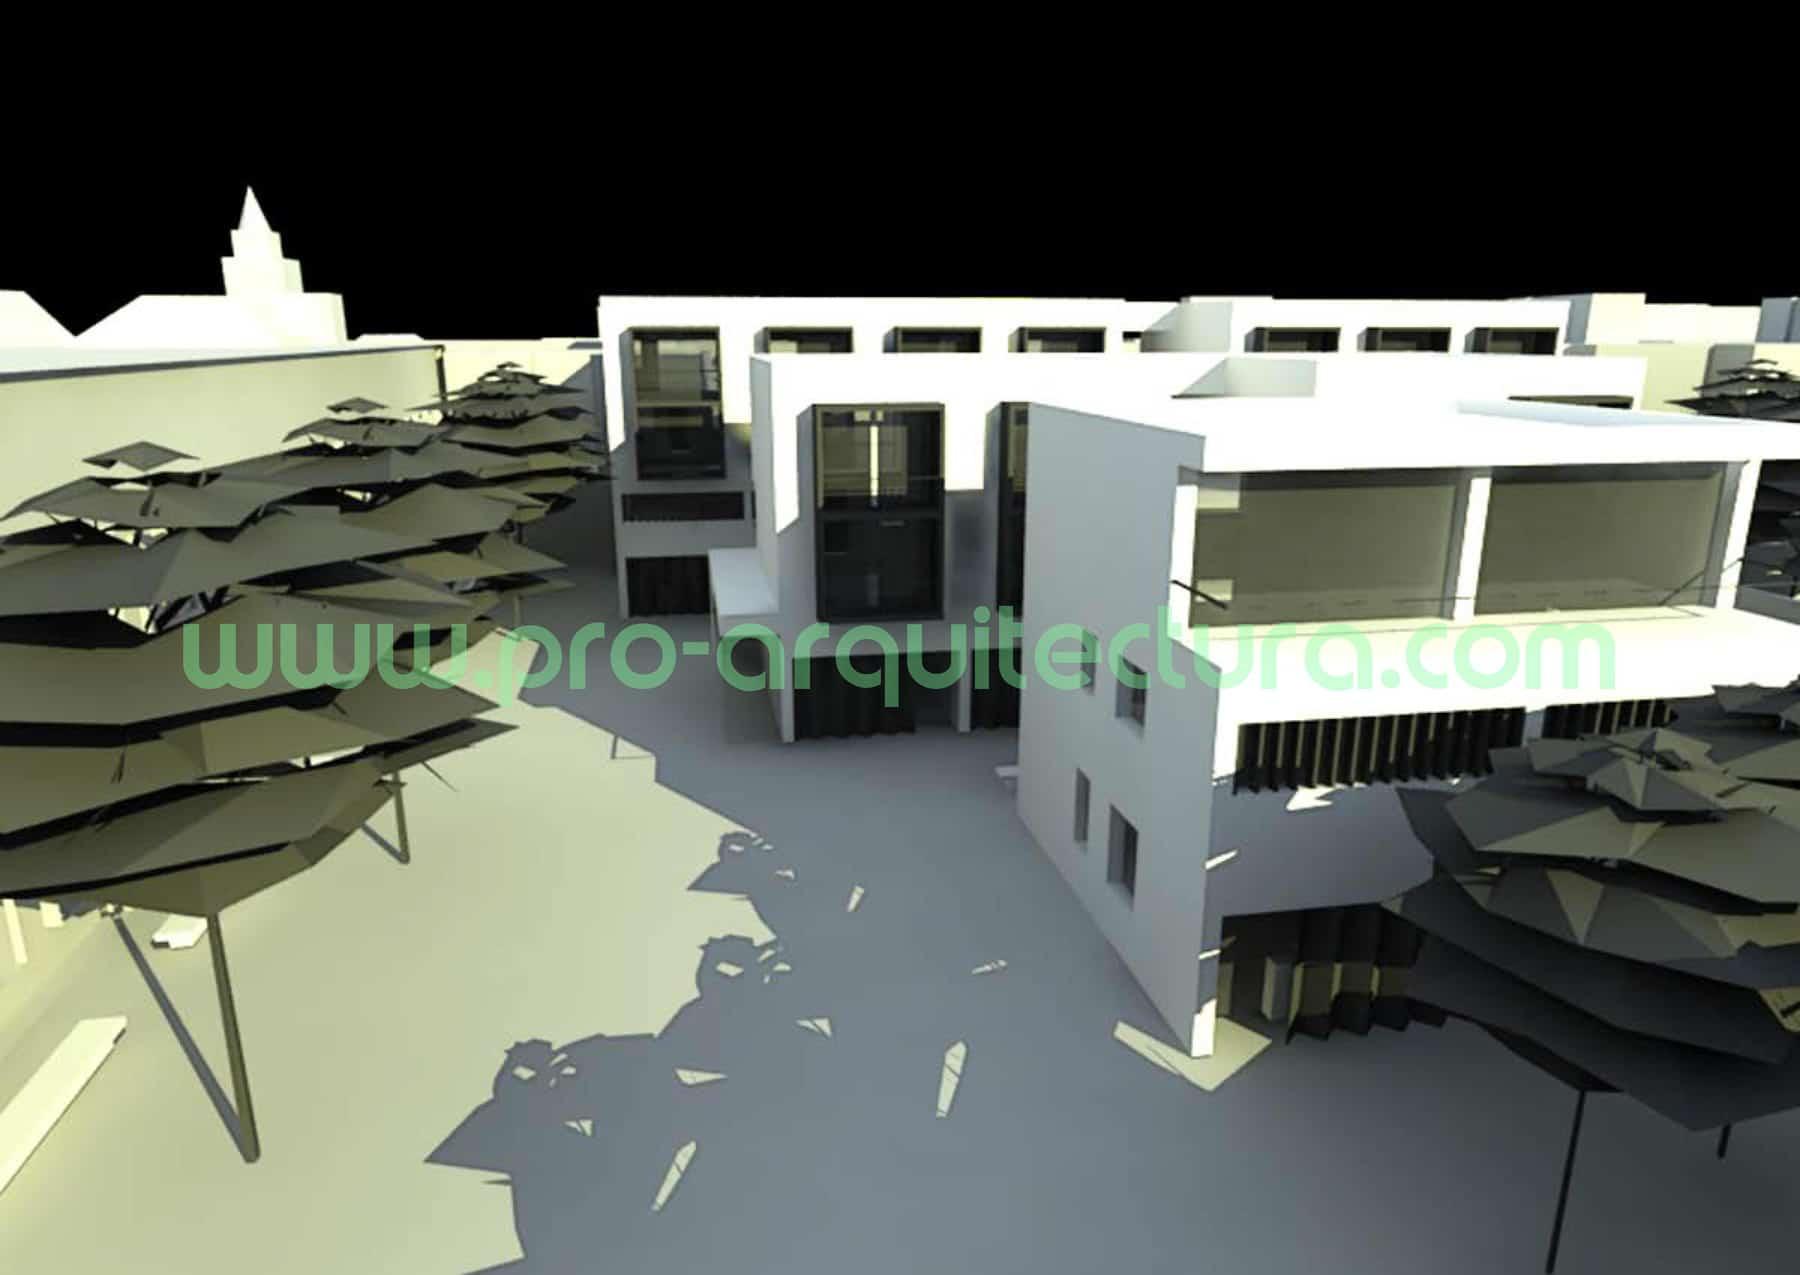 0042-03 Viviendas taller para artesanos - Proyecto Básico - Tu ayuda con la entrega del proyecto básico del pfc pfg tfg tfm de arquitectura.